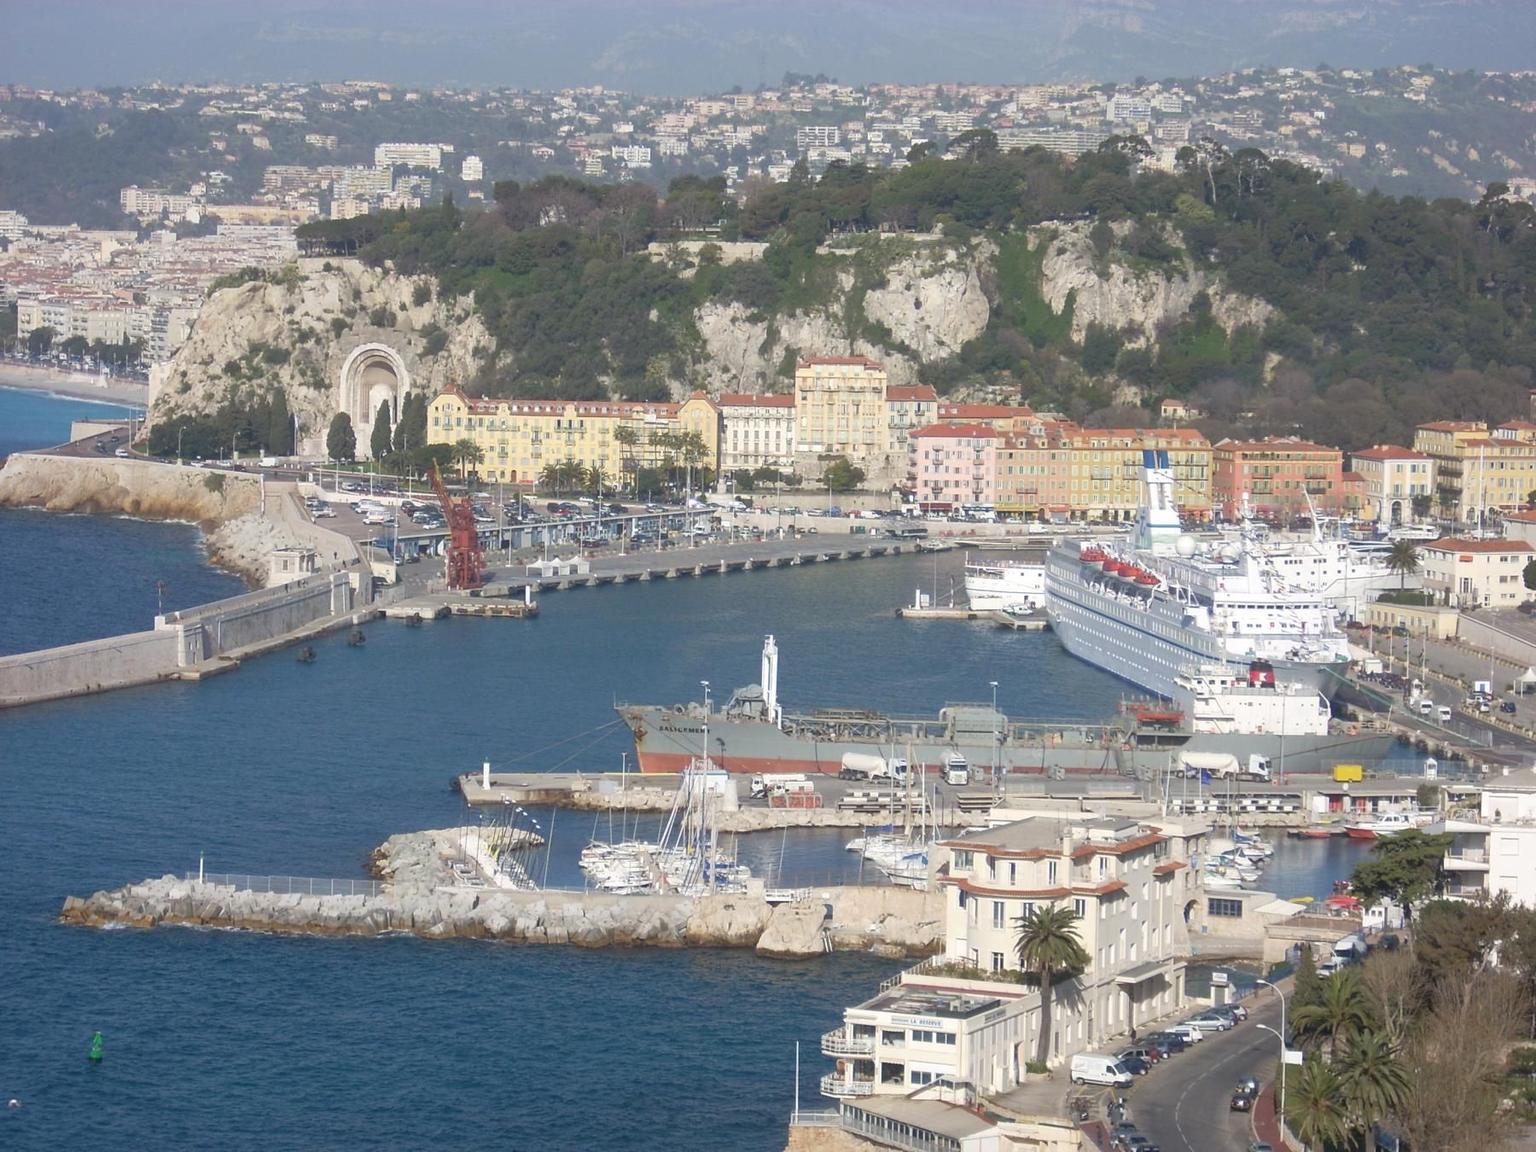 MÁS FOTOS, Escapada de un día en grupo pequeño a los mercados italianos desde Niza